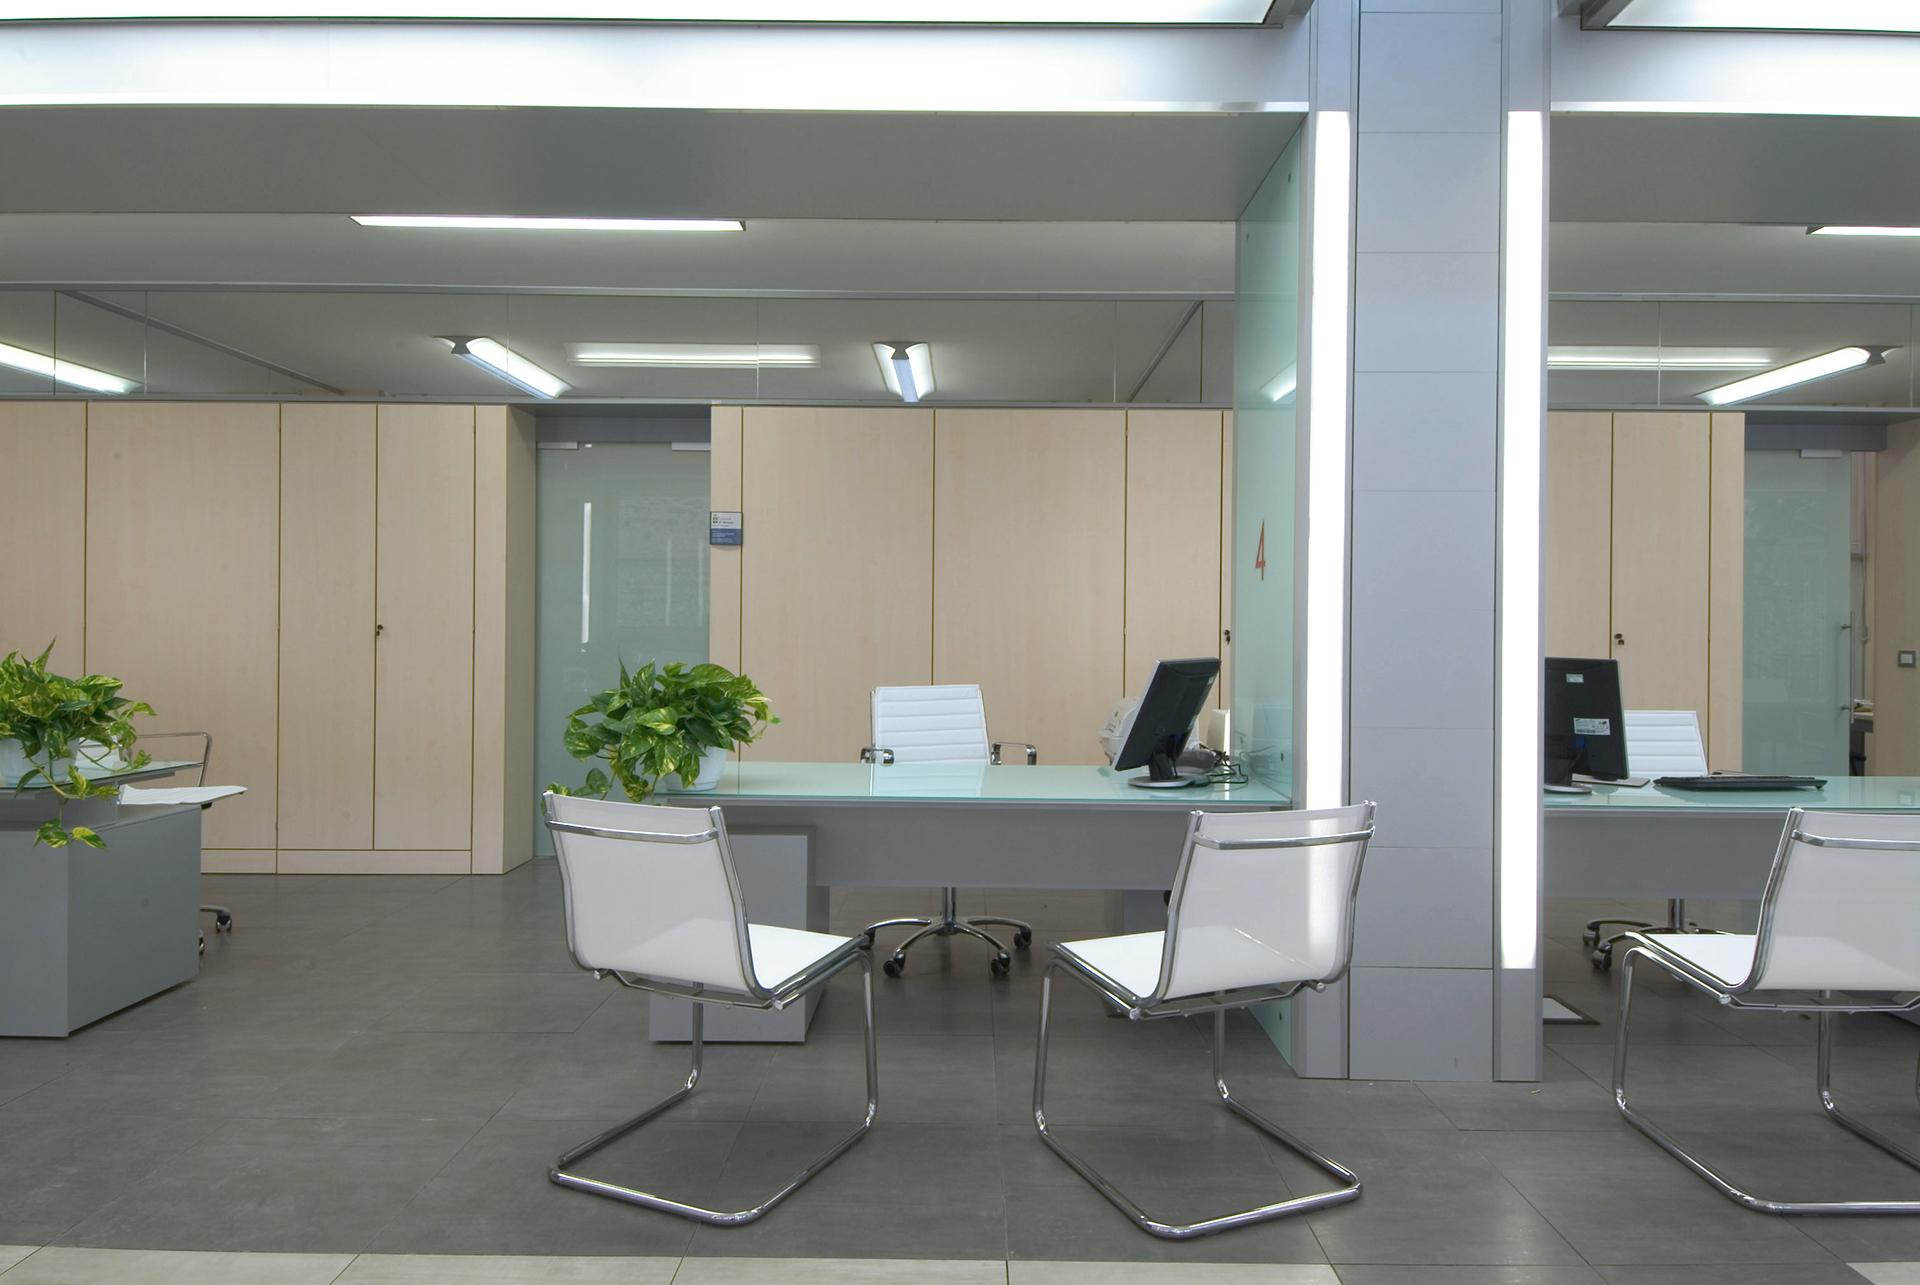 Ufficio A Verona : Sedie ufficio verona sedie per luufficio sedia per ufficio leader